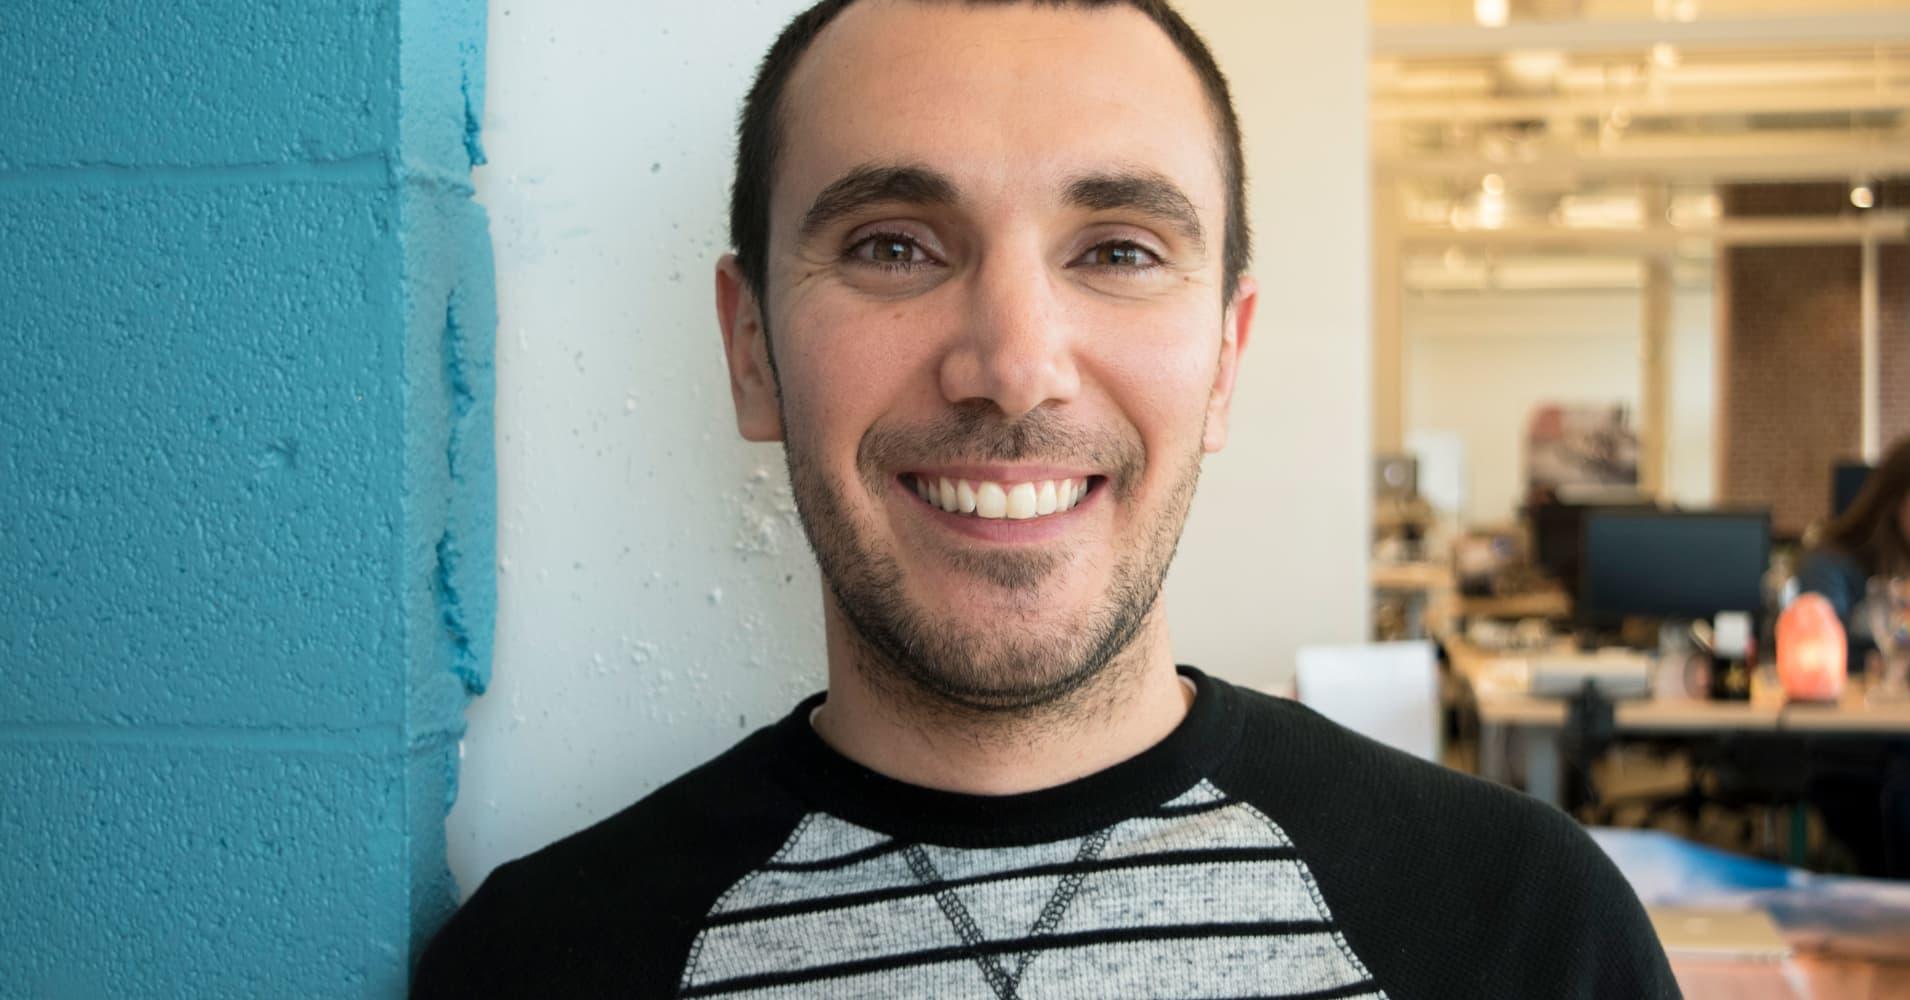 Jorge Mazal, Vice President of Product at Duolingo